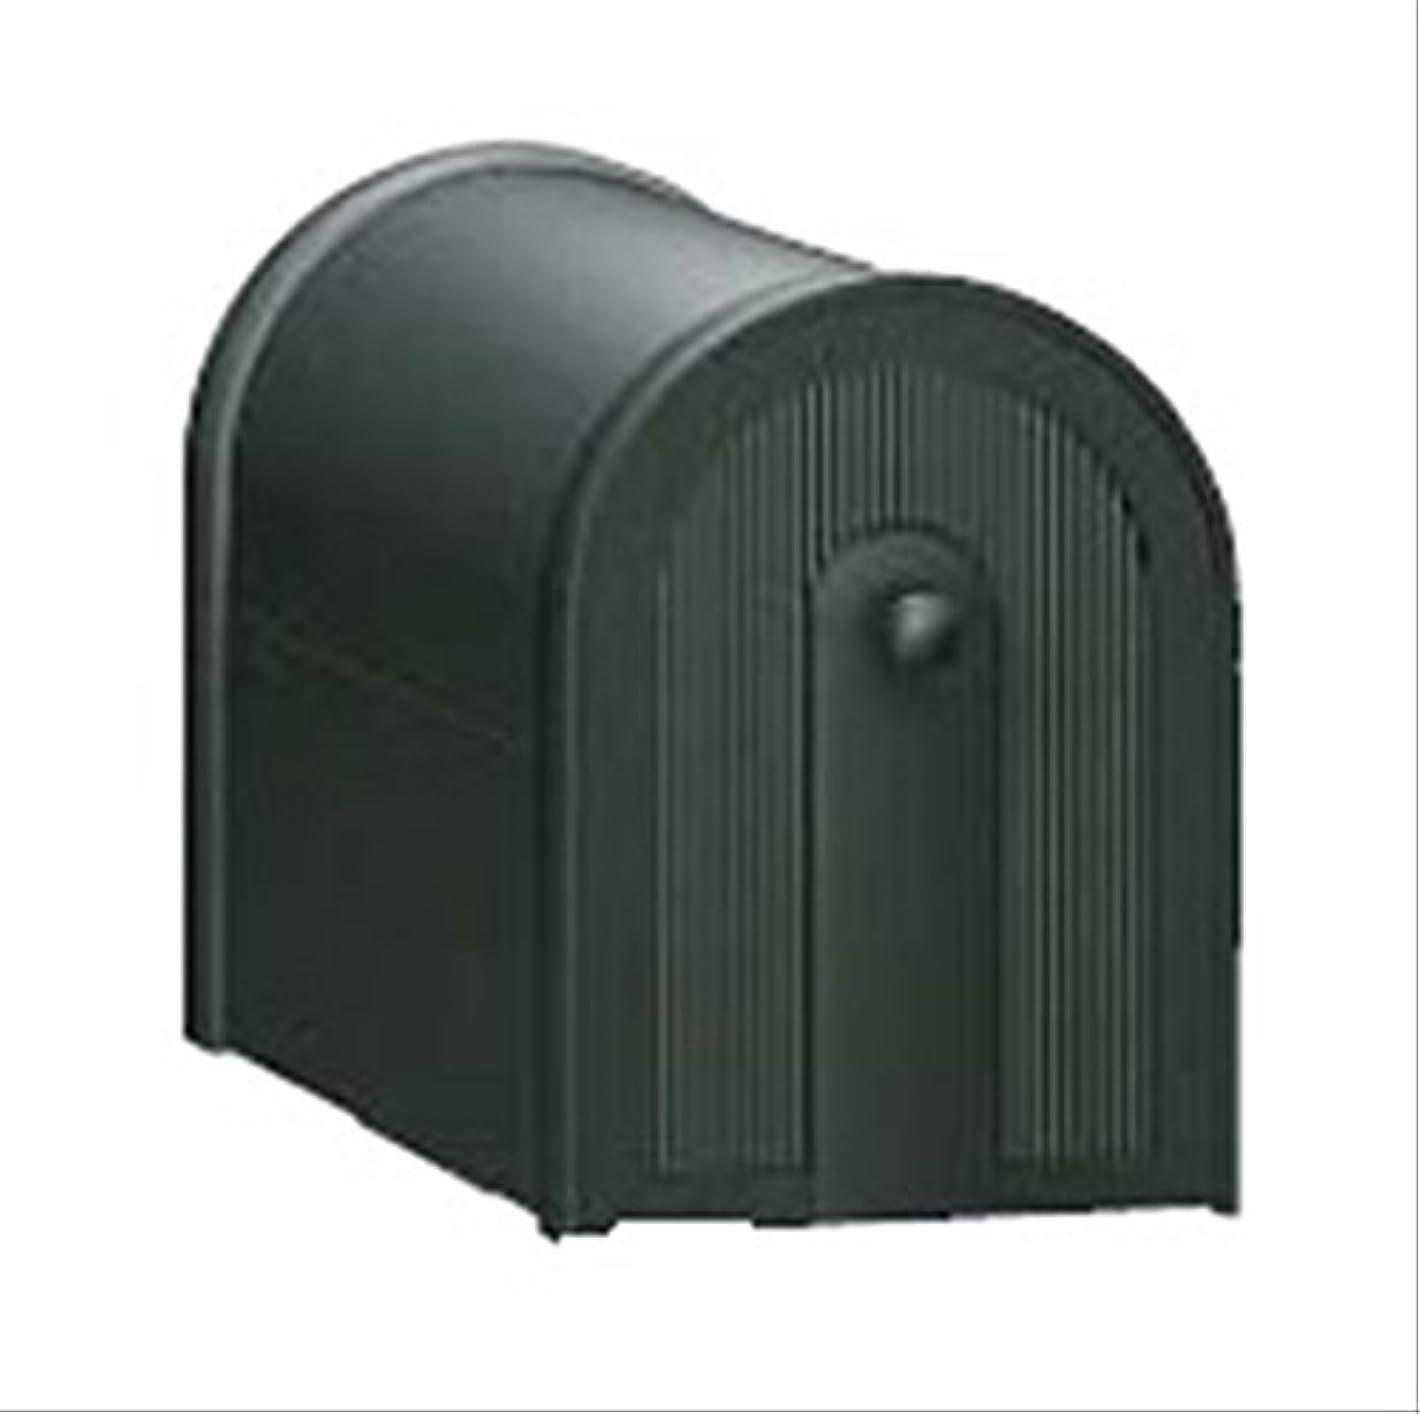 束ねるであるやろう四国化成 アルメールDA1型(ポストのみ)AM-DA1B 『郵便ポスト』 ブラックつや消し